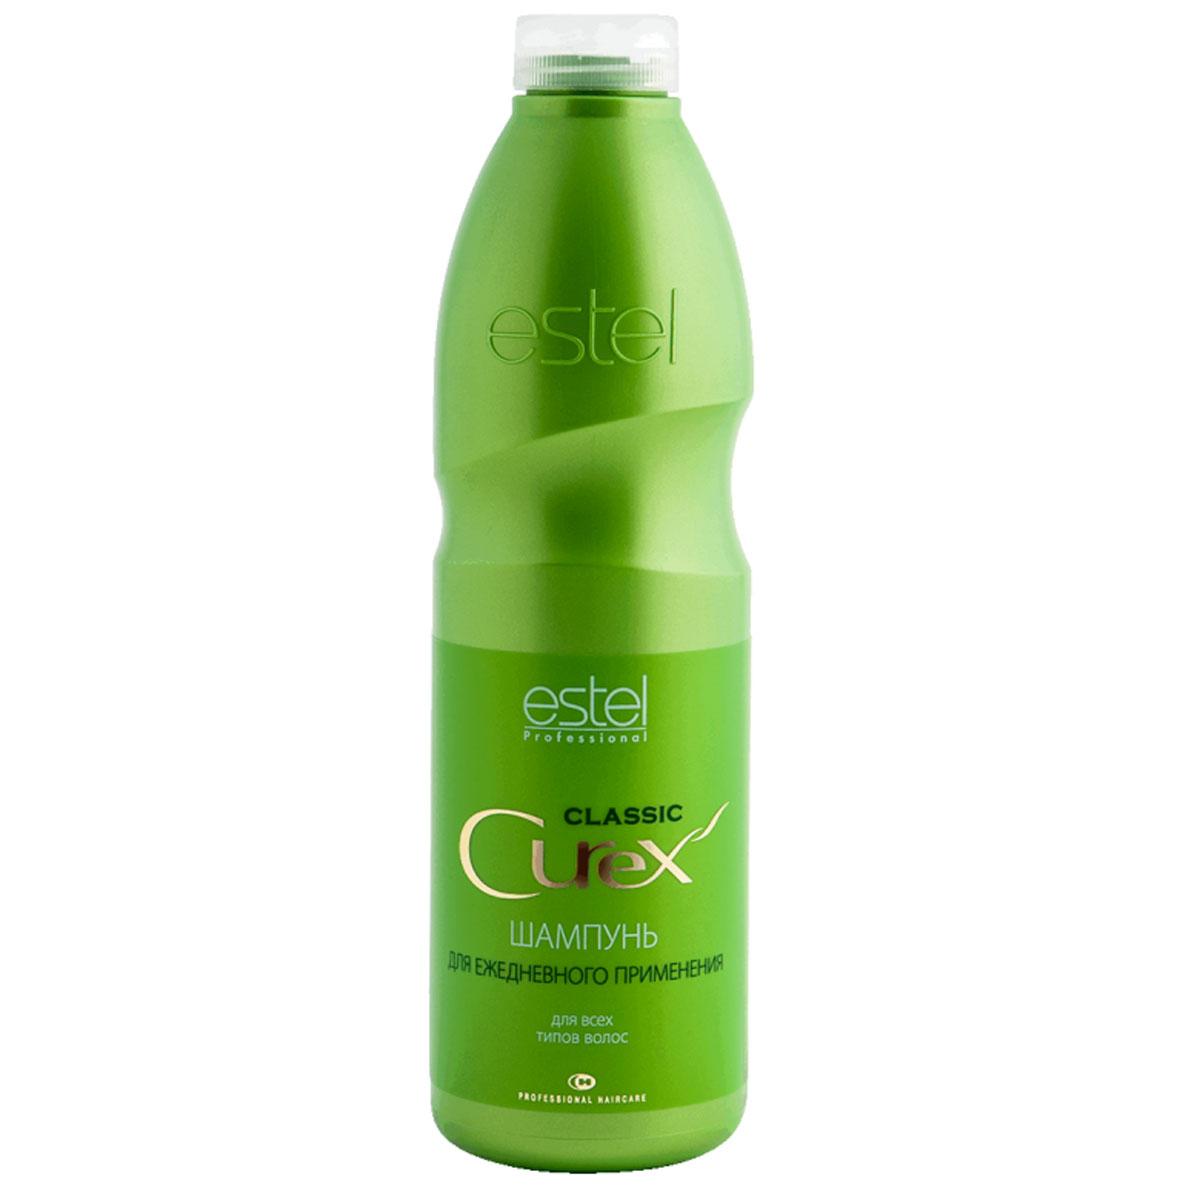 Estel Curex Classiс Шампунь Увлажнение и Питание для ежедневного применения 1000 мл675ESTEL CUREX CLASSIC ШАМПУНЬ «УВЛАЖНЕНИЕ И ПИТАНИЕ»для всех типов волосСодержит хитозан, который увлажняет волосы и предохраняет их от потери влаги. Питающий провитамин В5 укрепляет волосы, придает им эластичность и здоровый блеск.Результат:Здоровые и крепкие волосыПитание и увлажнениеМягкое очищение